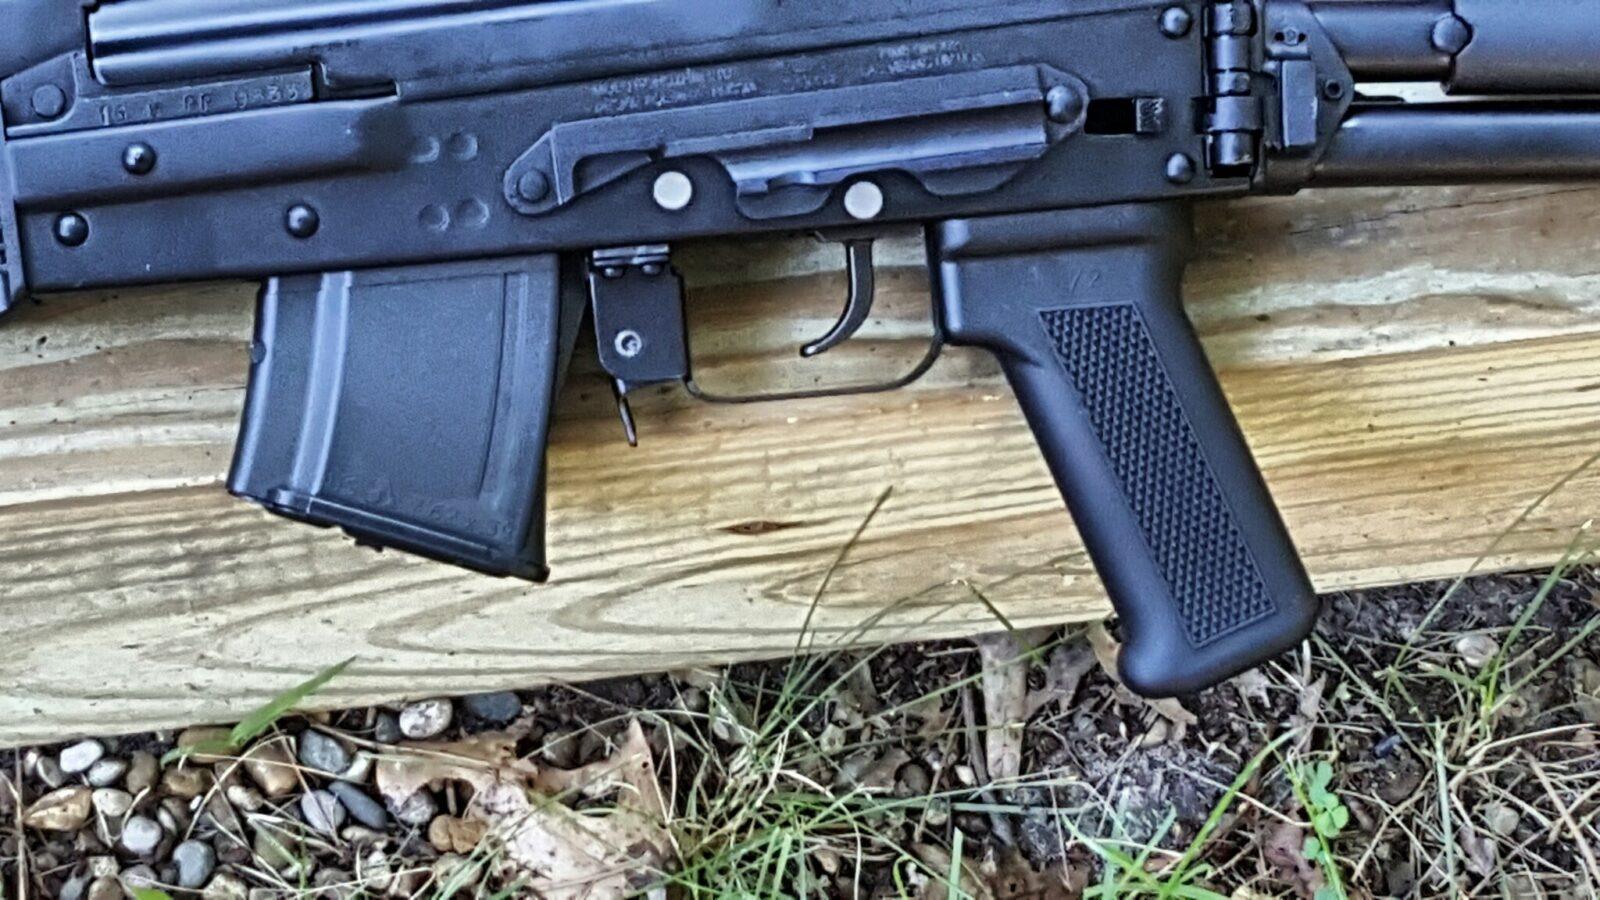 Finally got a Russian Vepr 7 62x39mm Side Folder - The FM-AK47-21